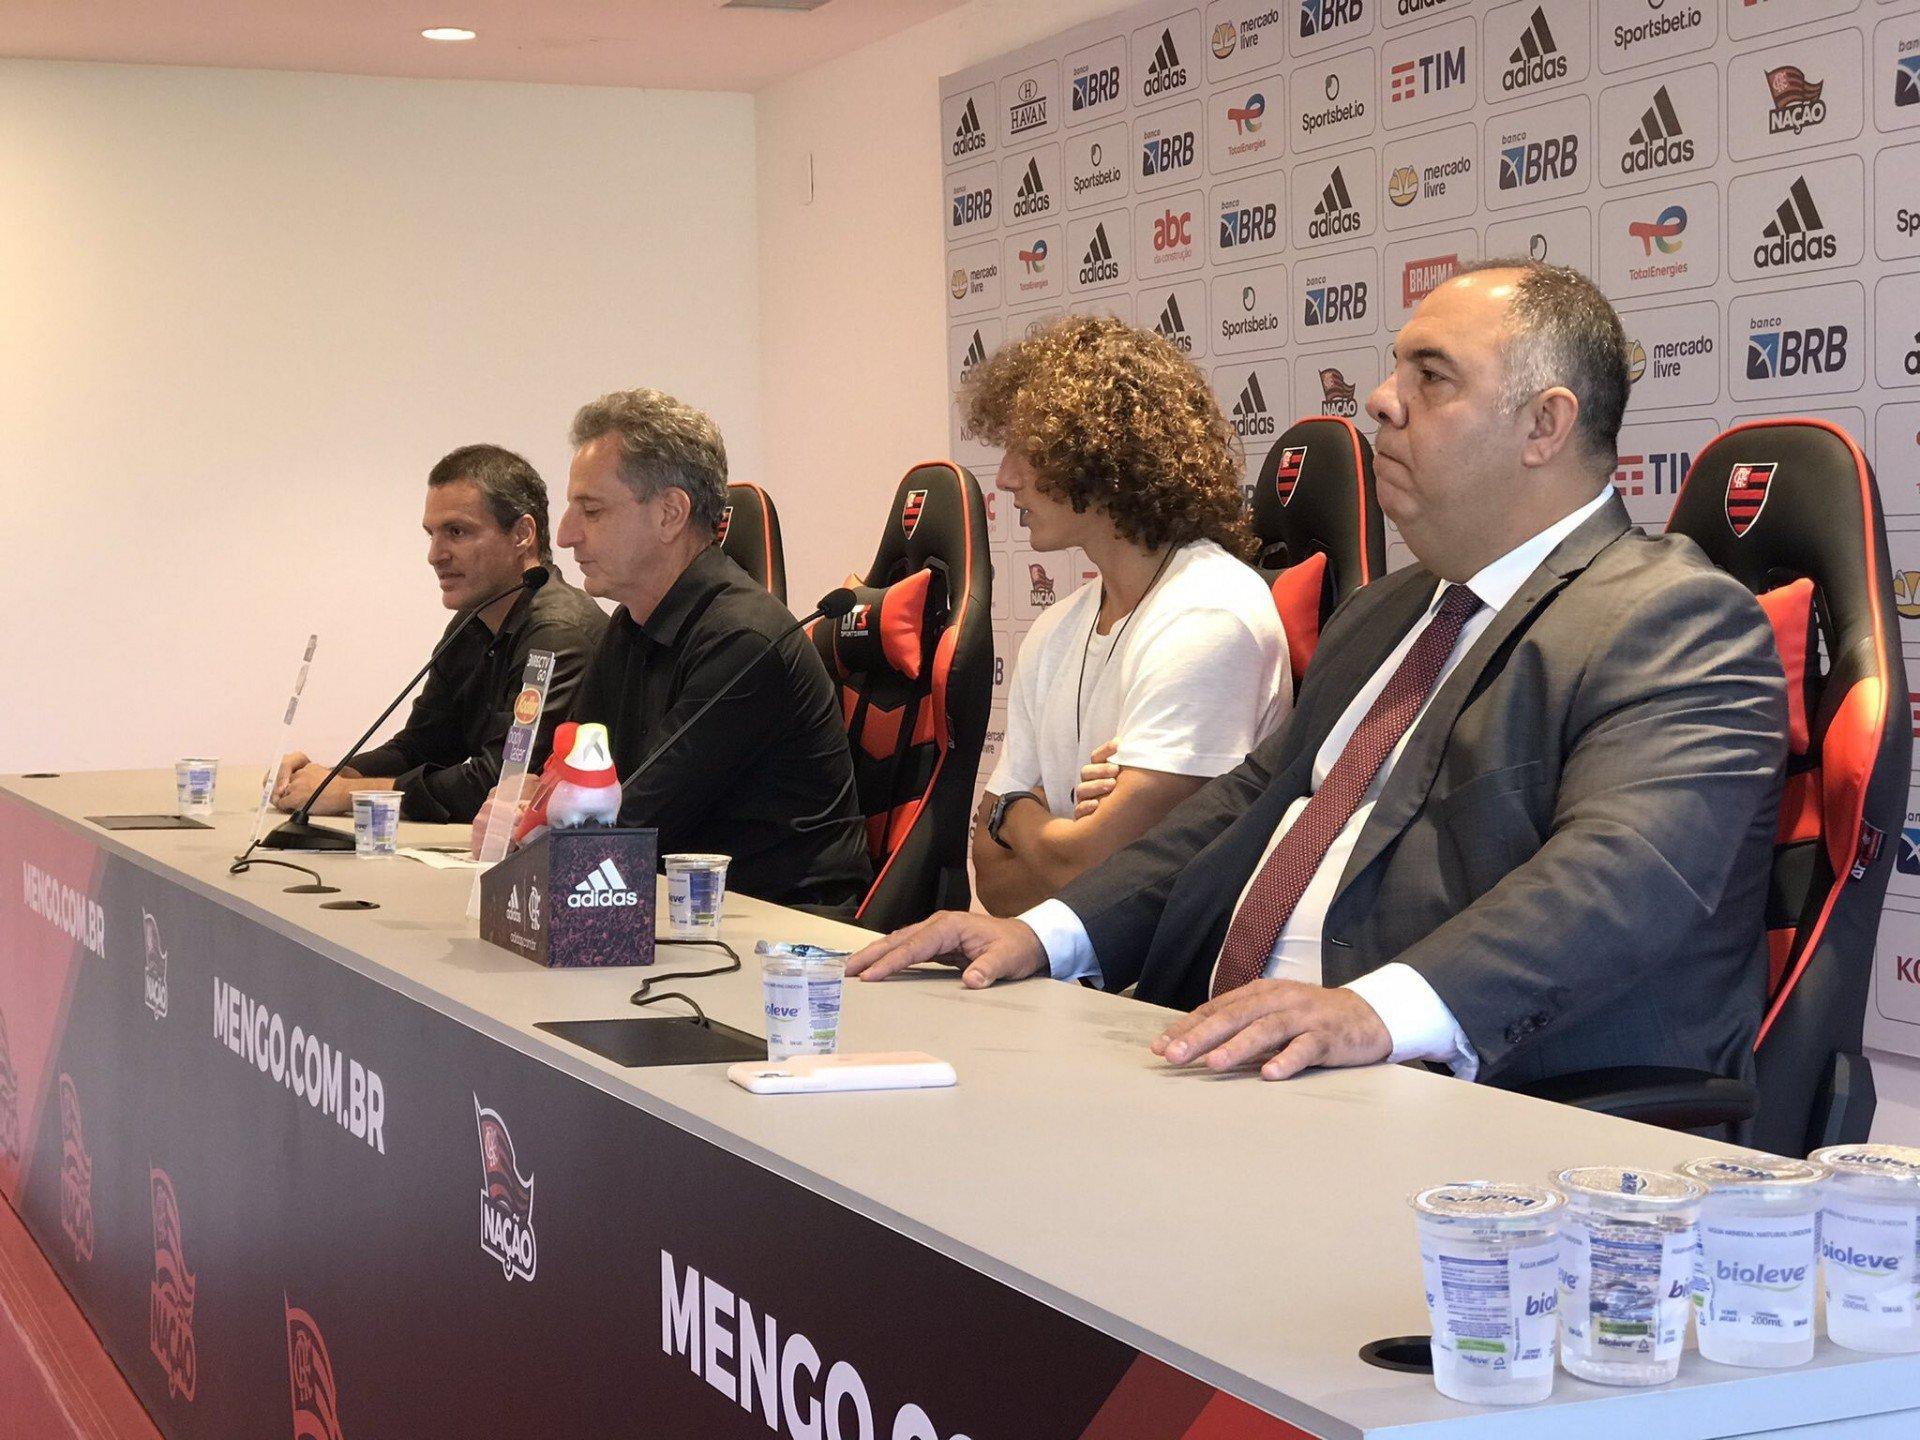 Presidente do Flamengo dá 'aviso' à David Luiz em apresentação: 'vai ter que ser campeão aqui também'